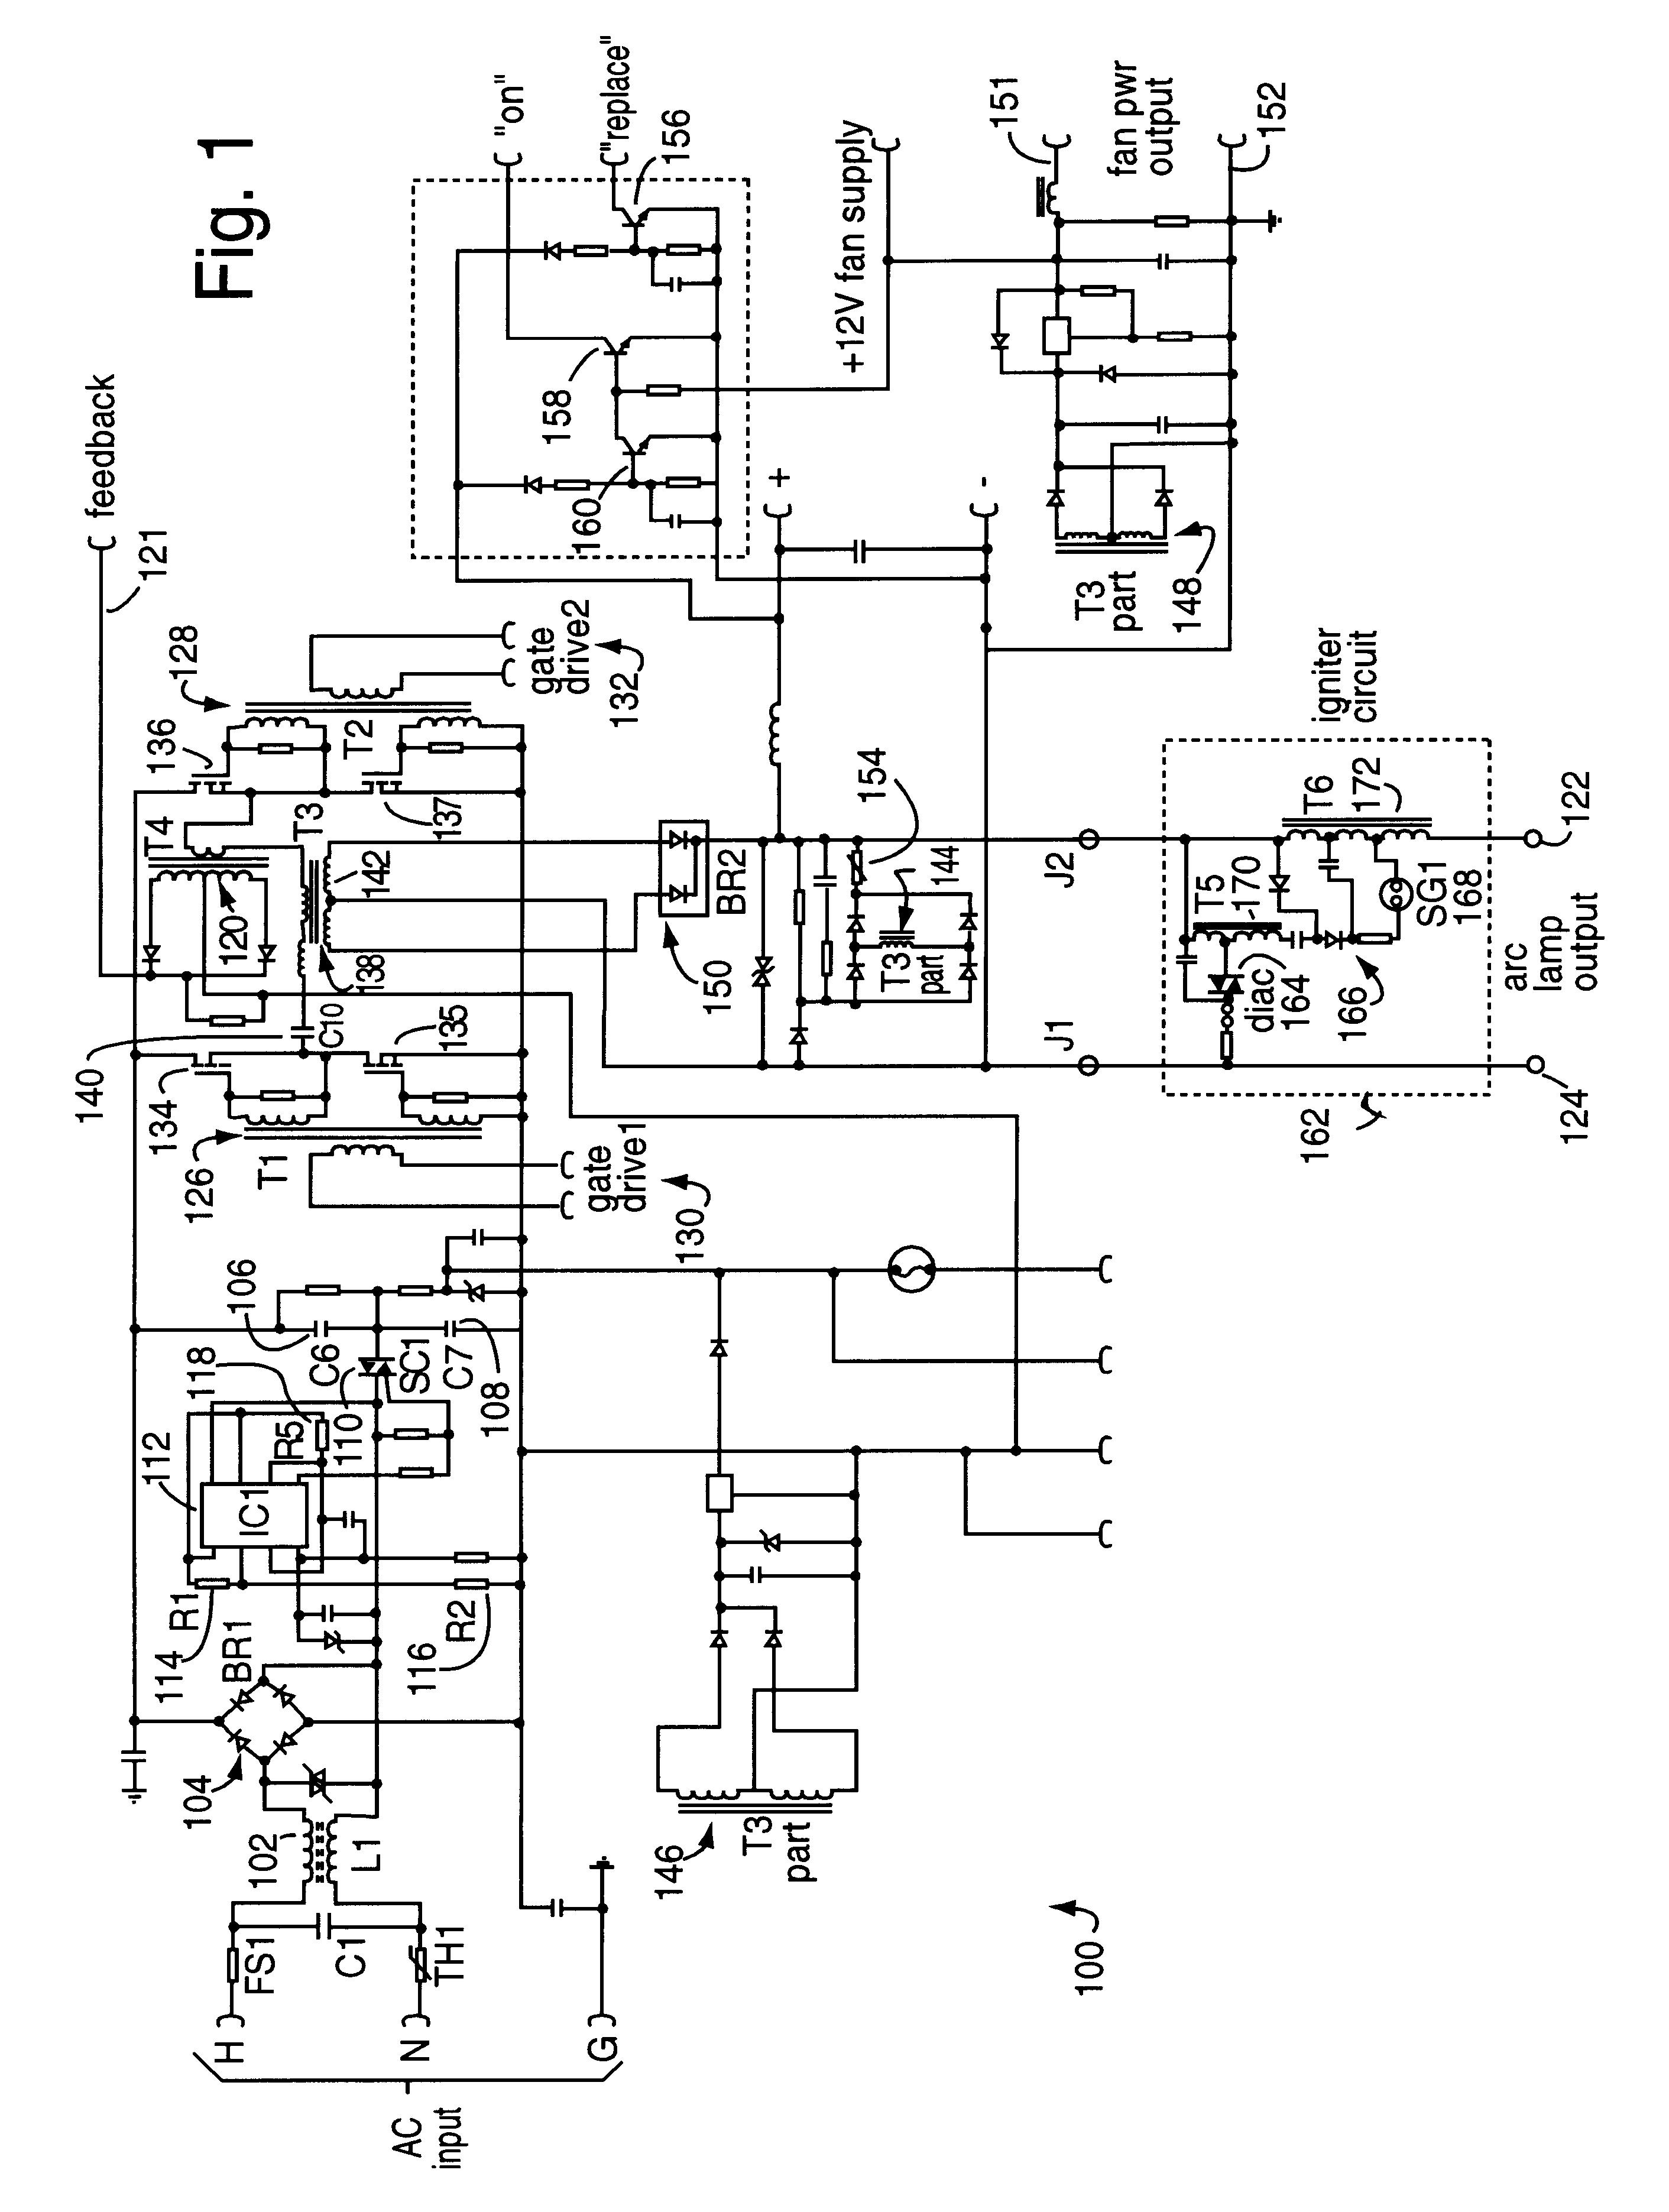 patent us6181077